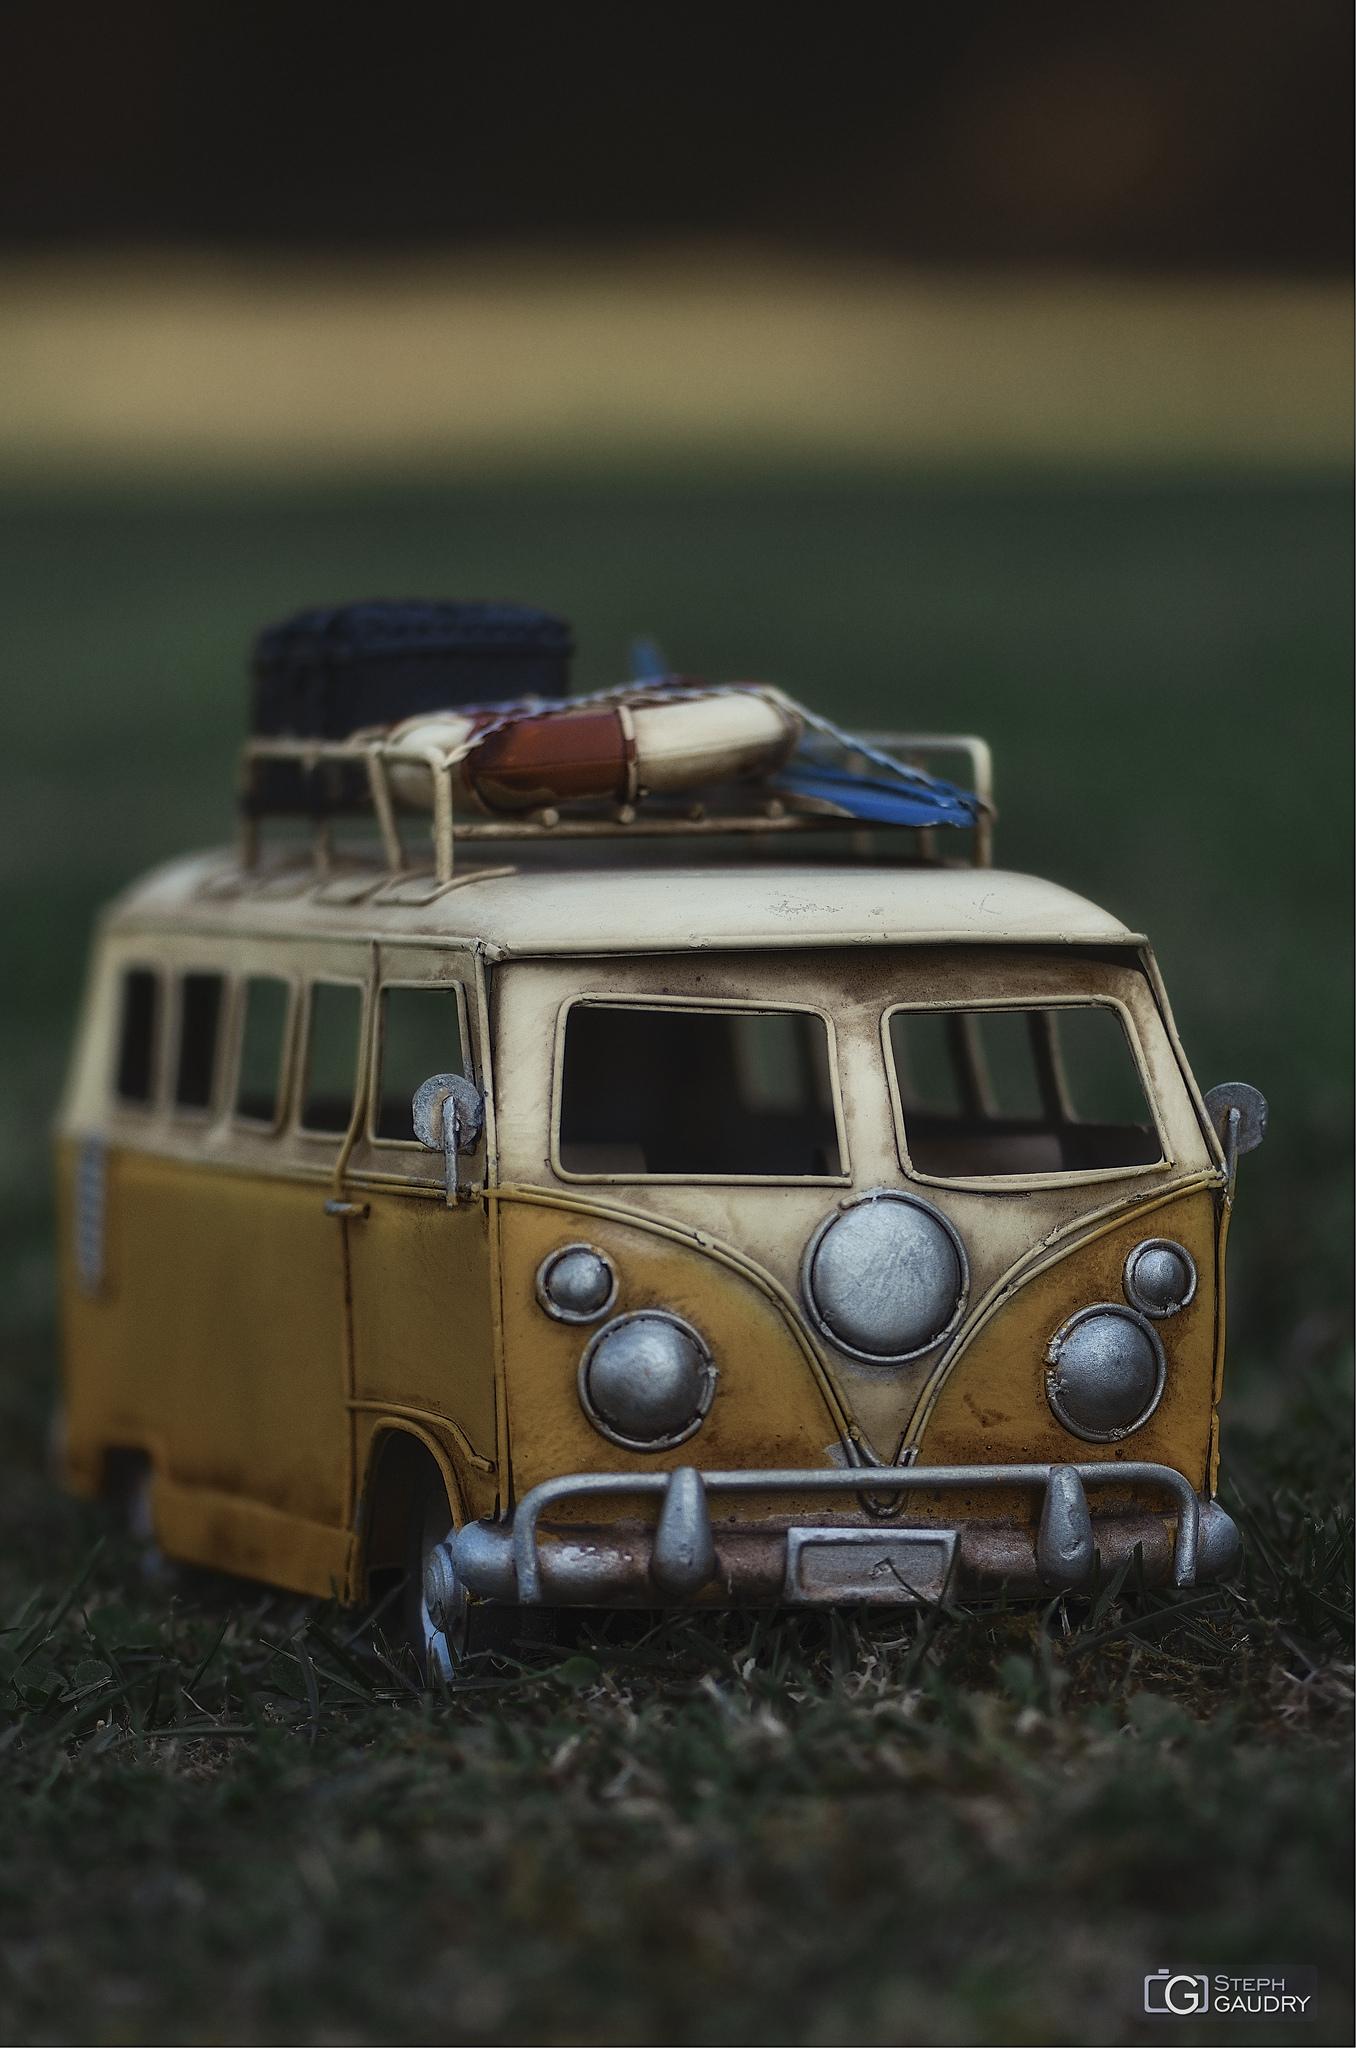 Volkswagen Bus Toy [Cliquez pour lancer le diaporama]